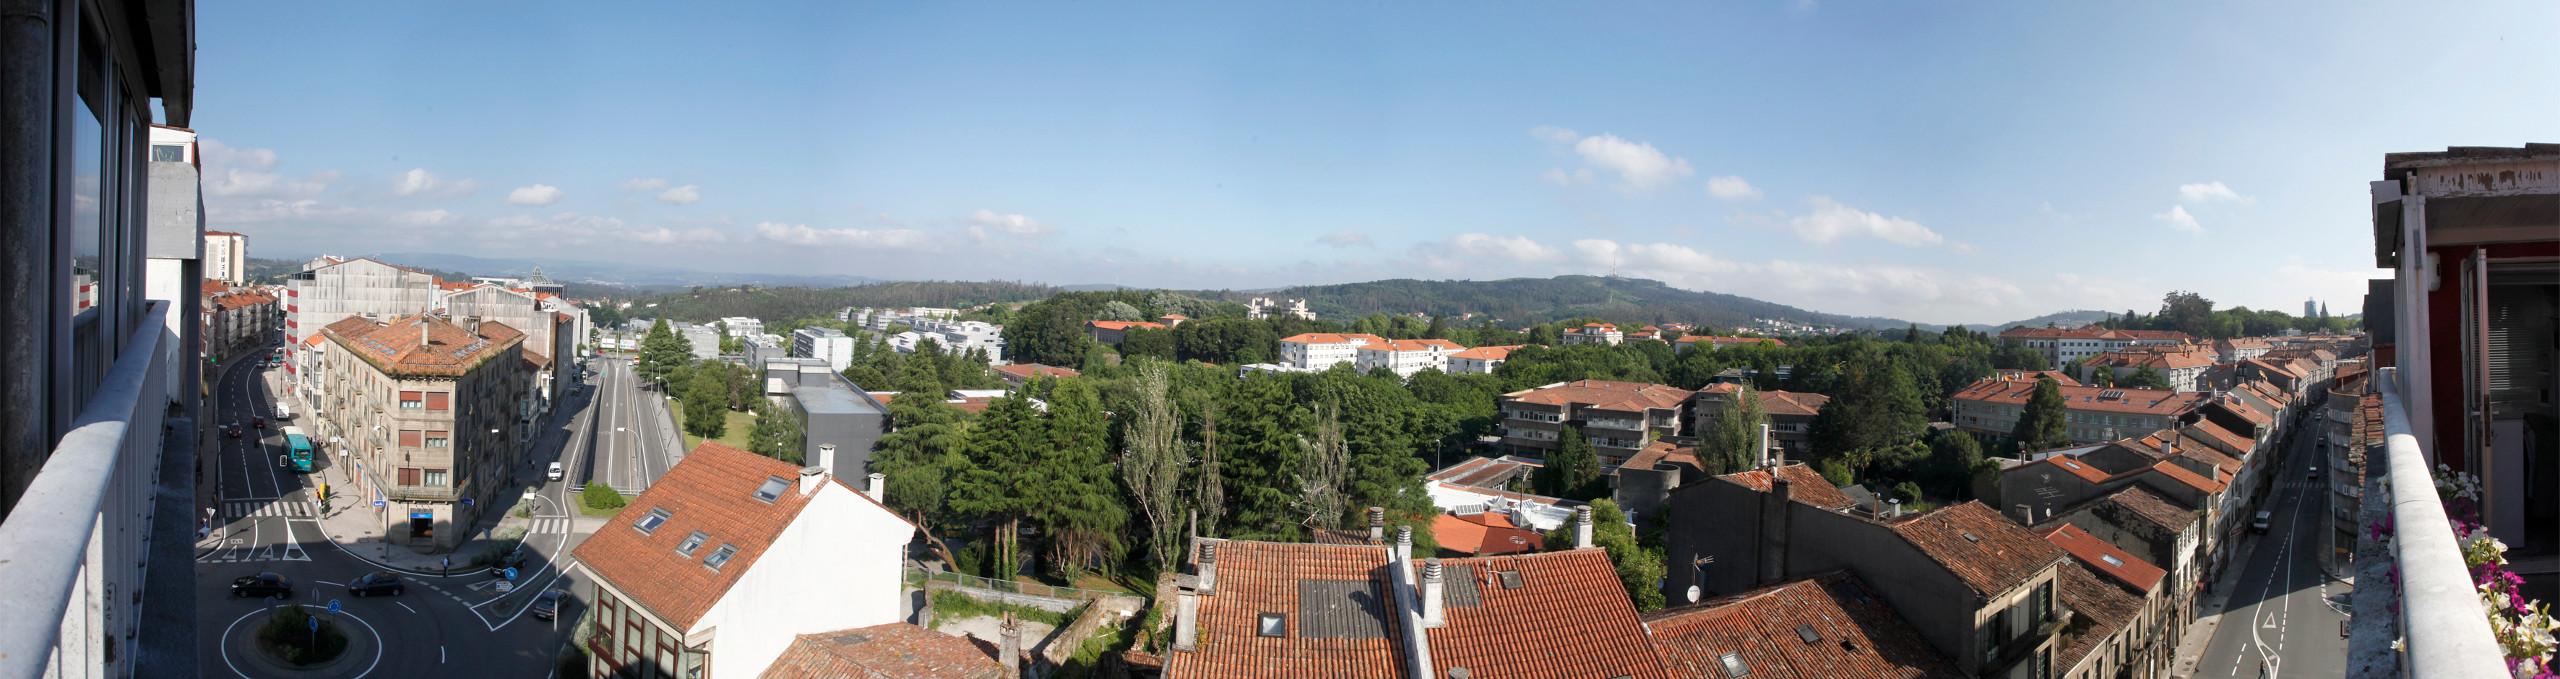 Residencia de Estudiantes en Santiago de Compostela con vistas a Campus Sur